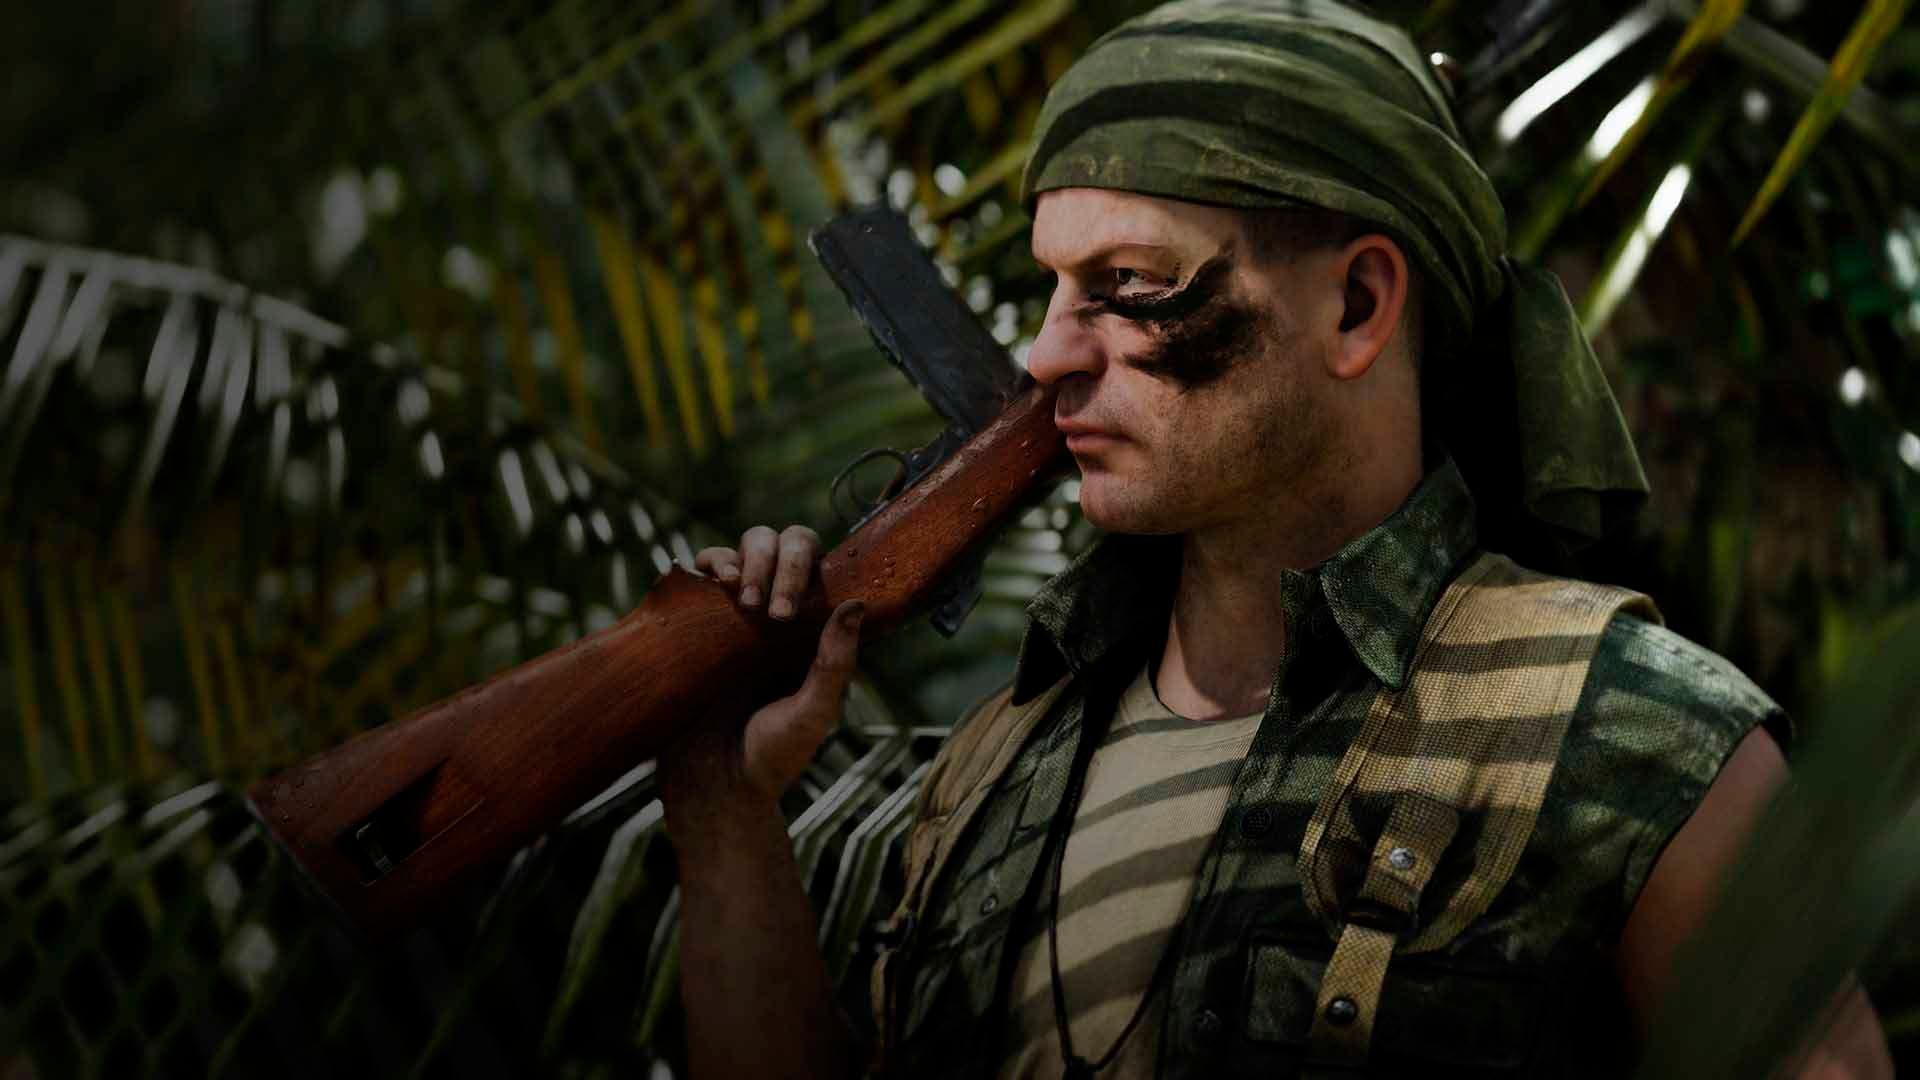 El próximo Battlefield llegaría en 2021, según indica su director creativo 3